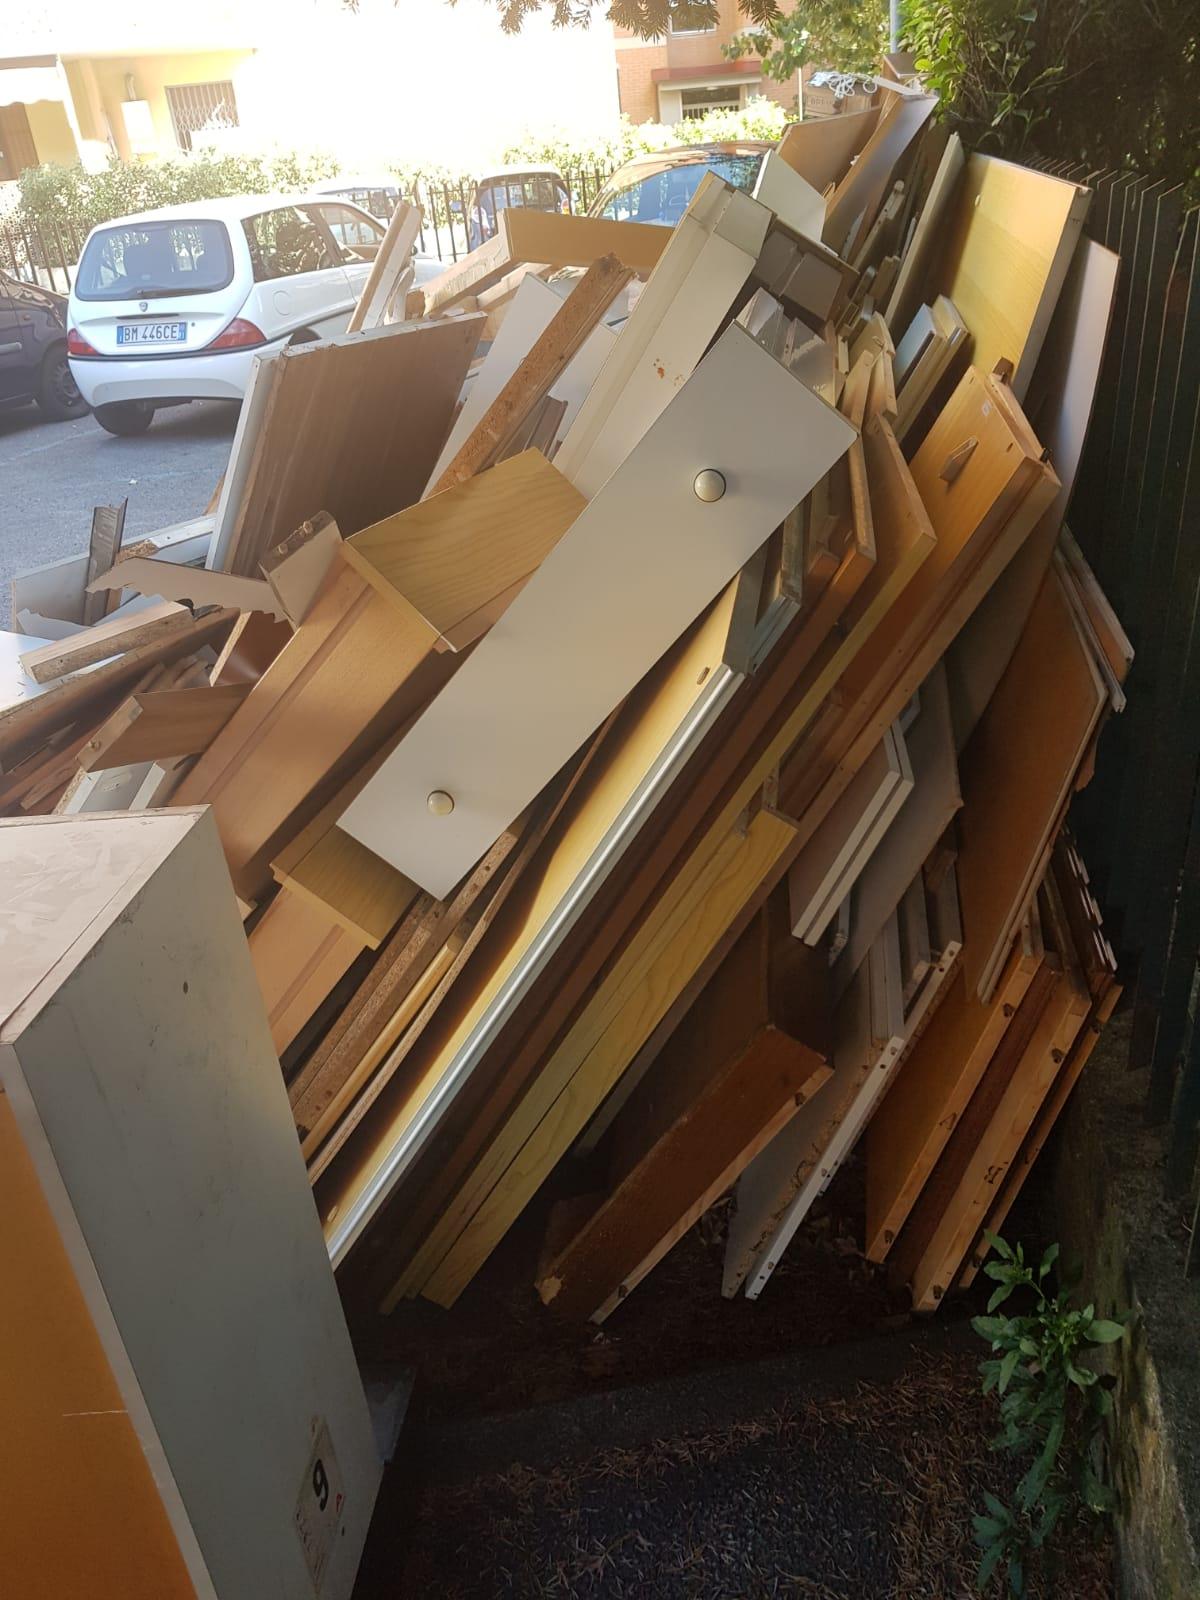 Svuota Appartamenti Gratis Firenze firenze rifiuti ingombranti, alia ritiro gratuito